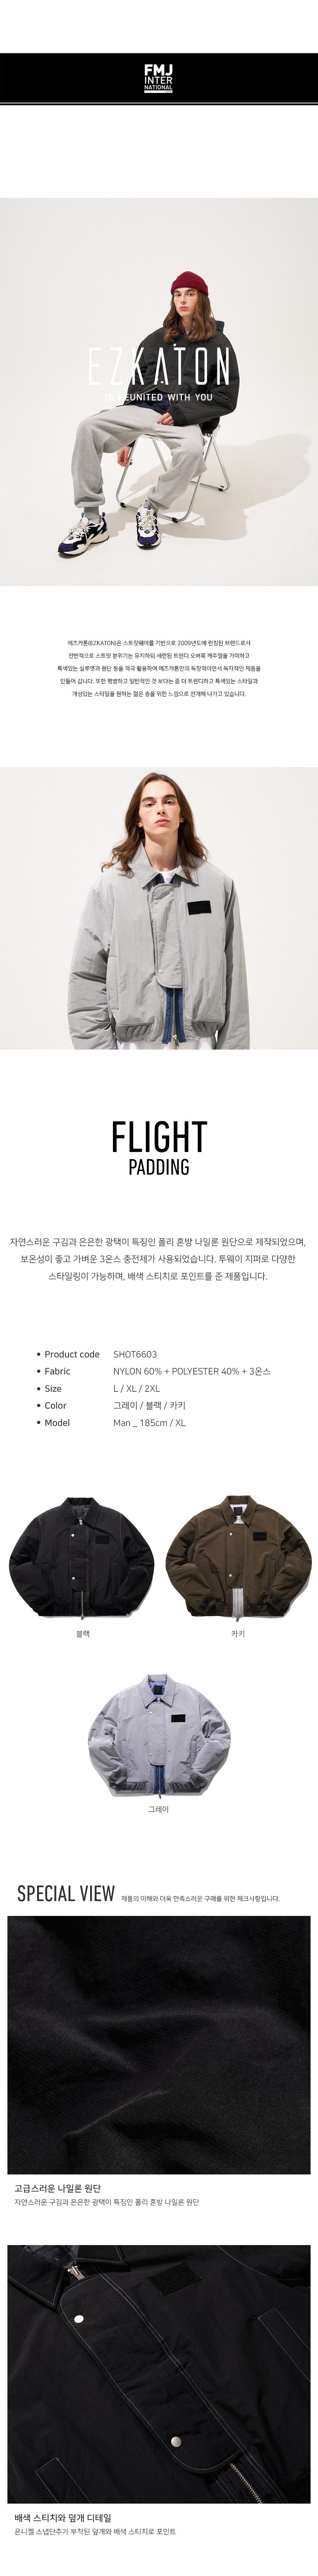 20200910_ez_flight_intro_sh.jpg